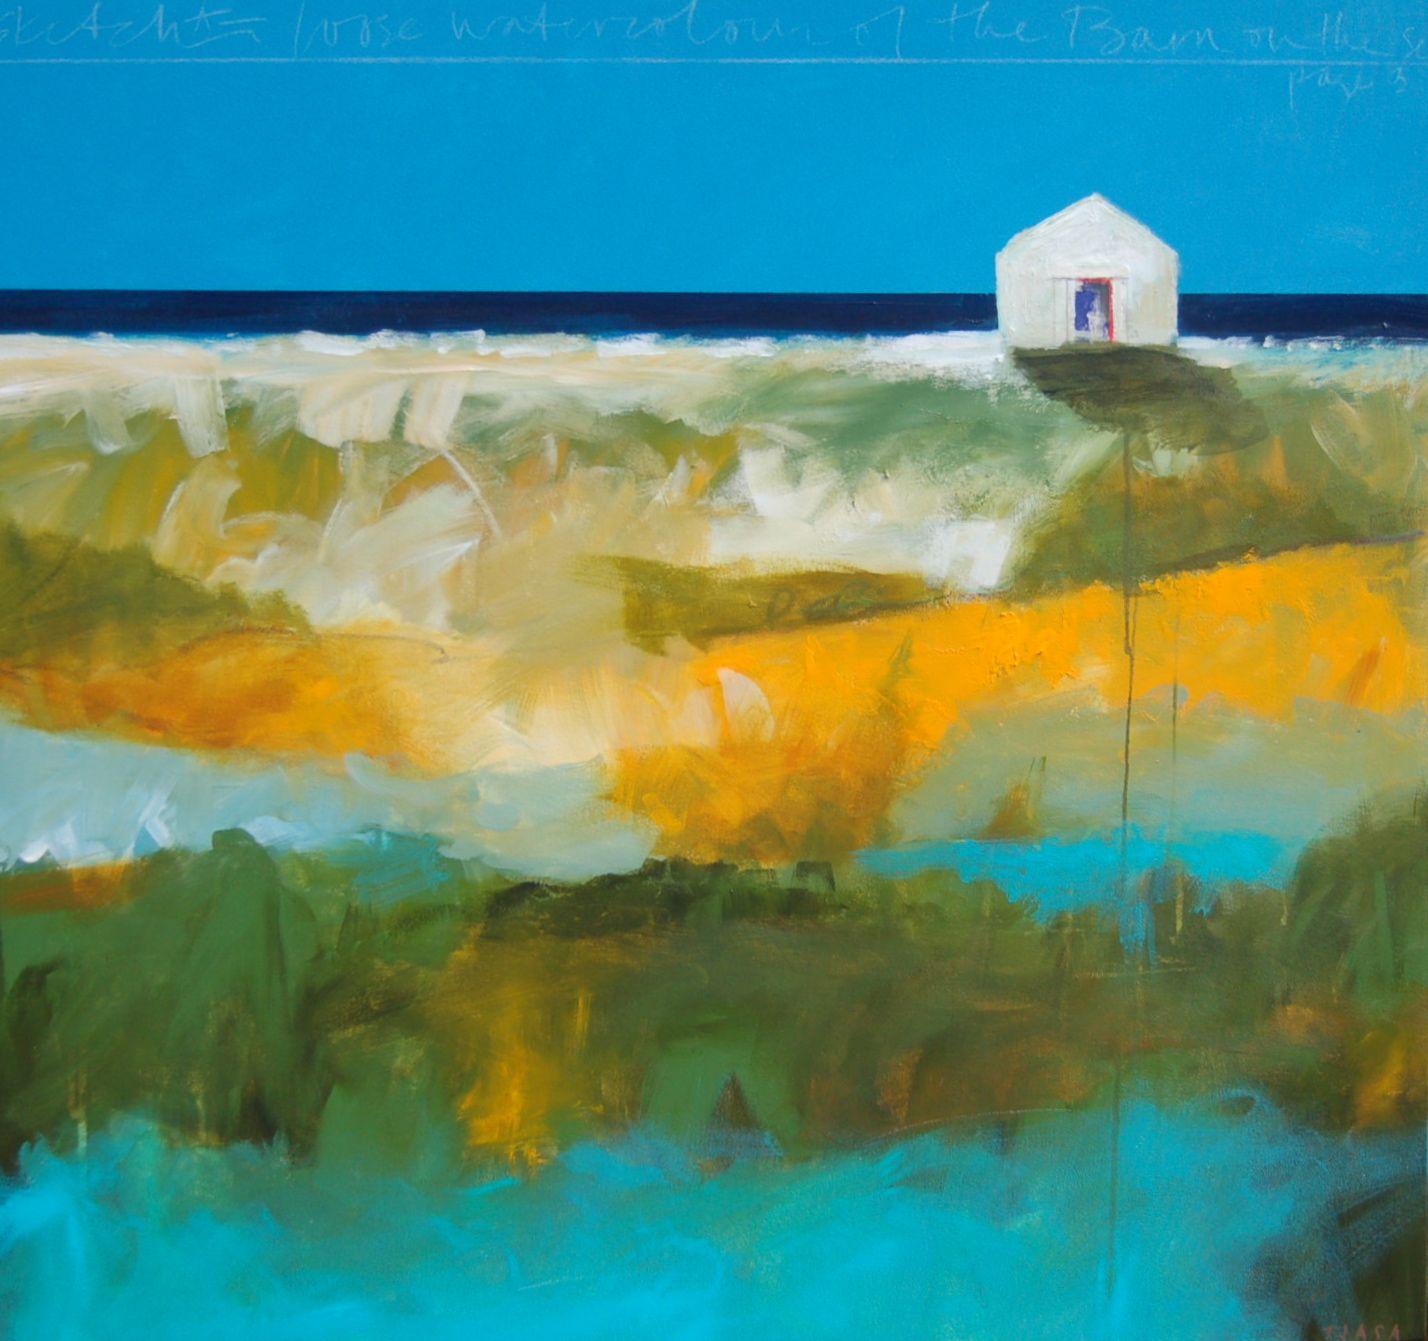 Blue door tjasa owen eisenhauer gallery female artists